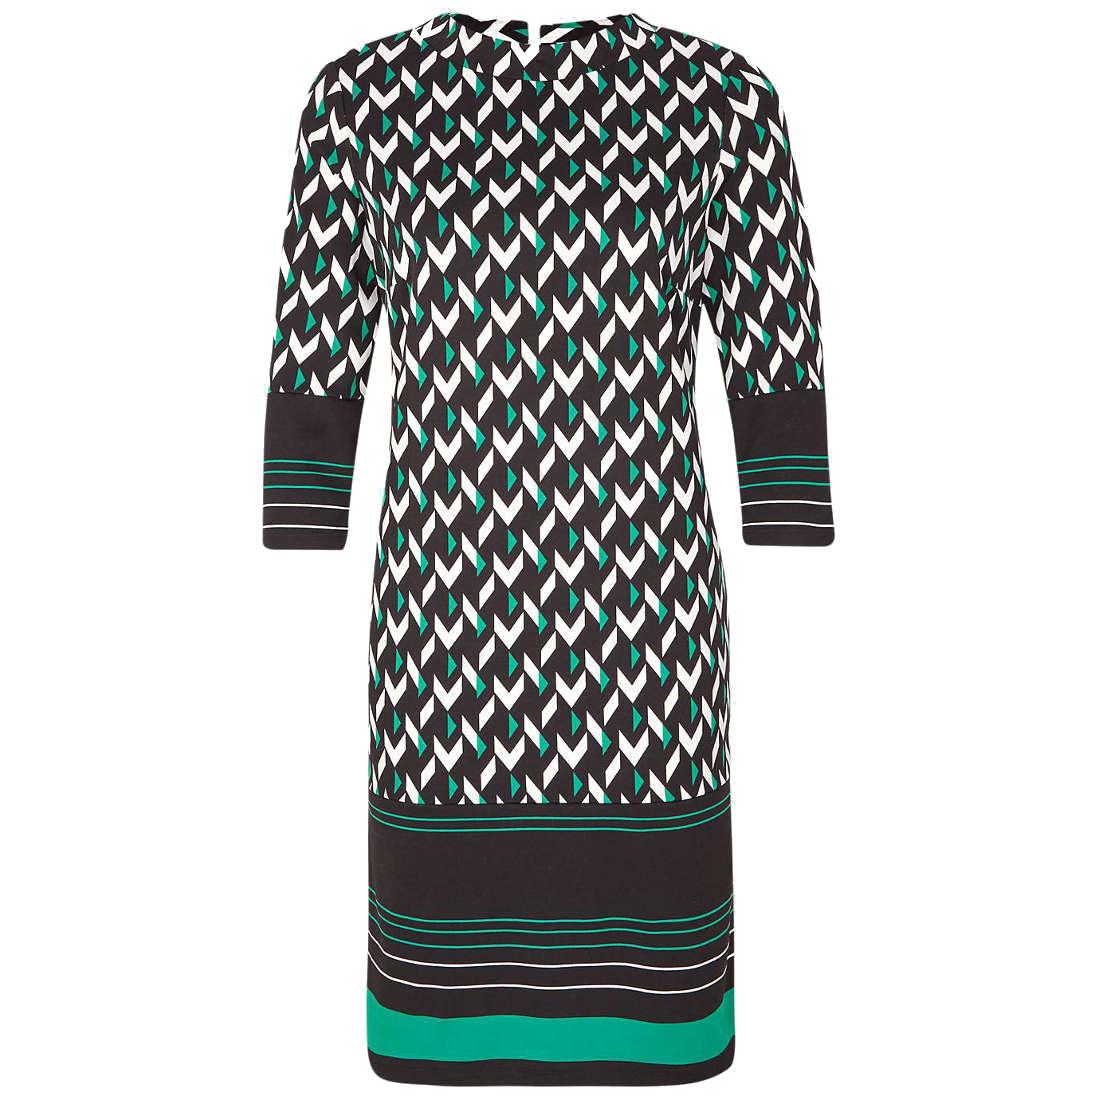 Comma jurk 8t901826328 in het Zwart - Wit